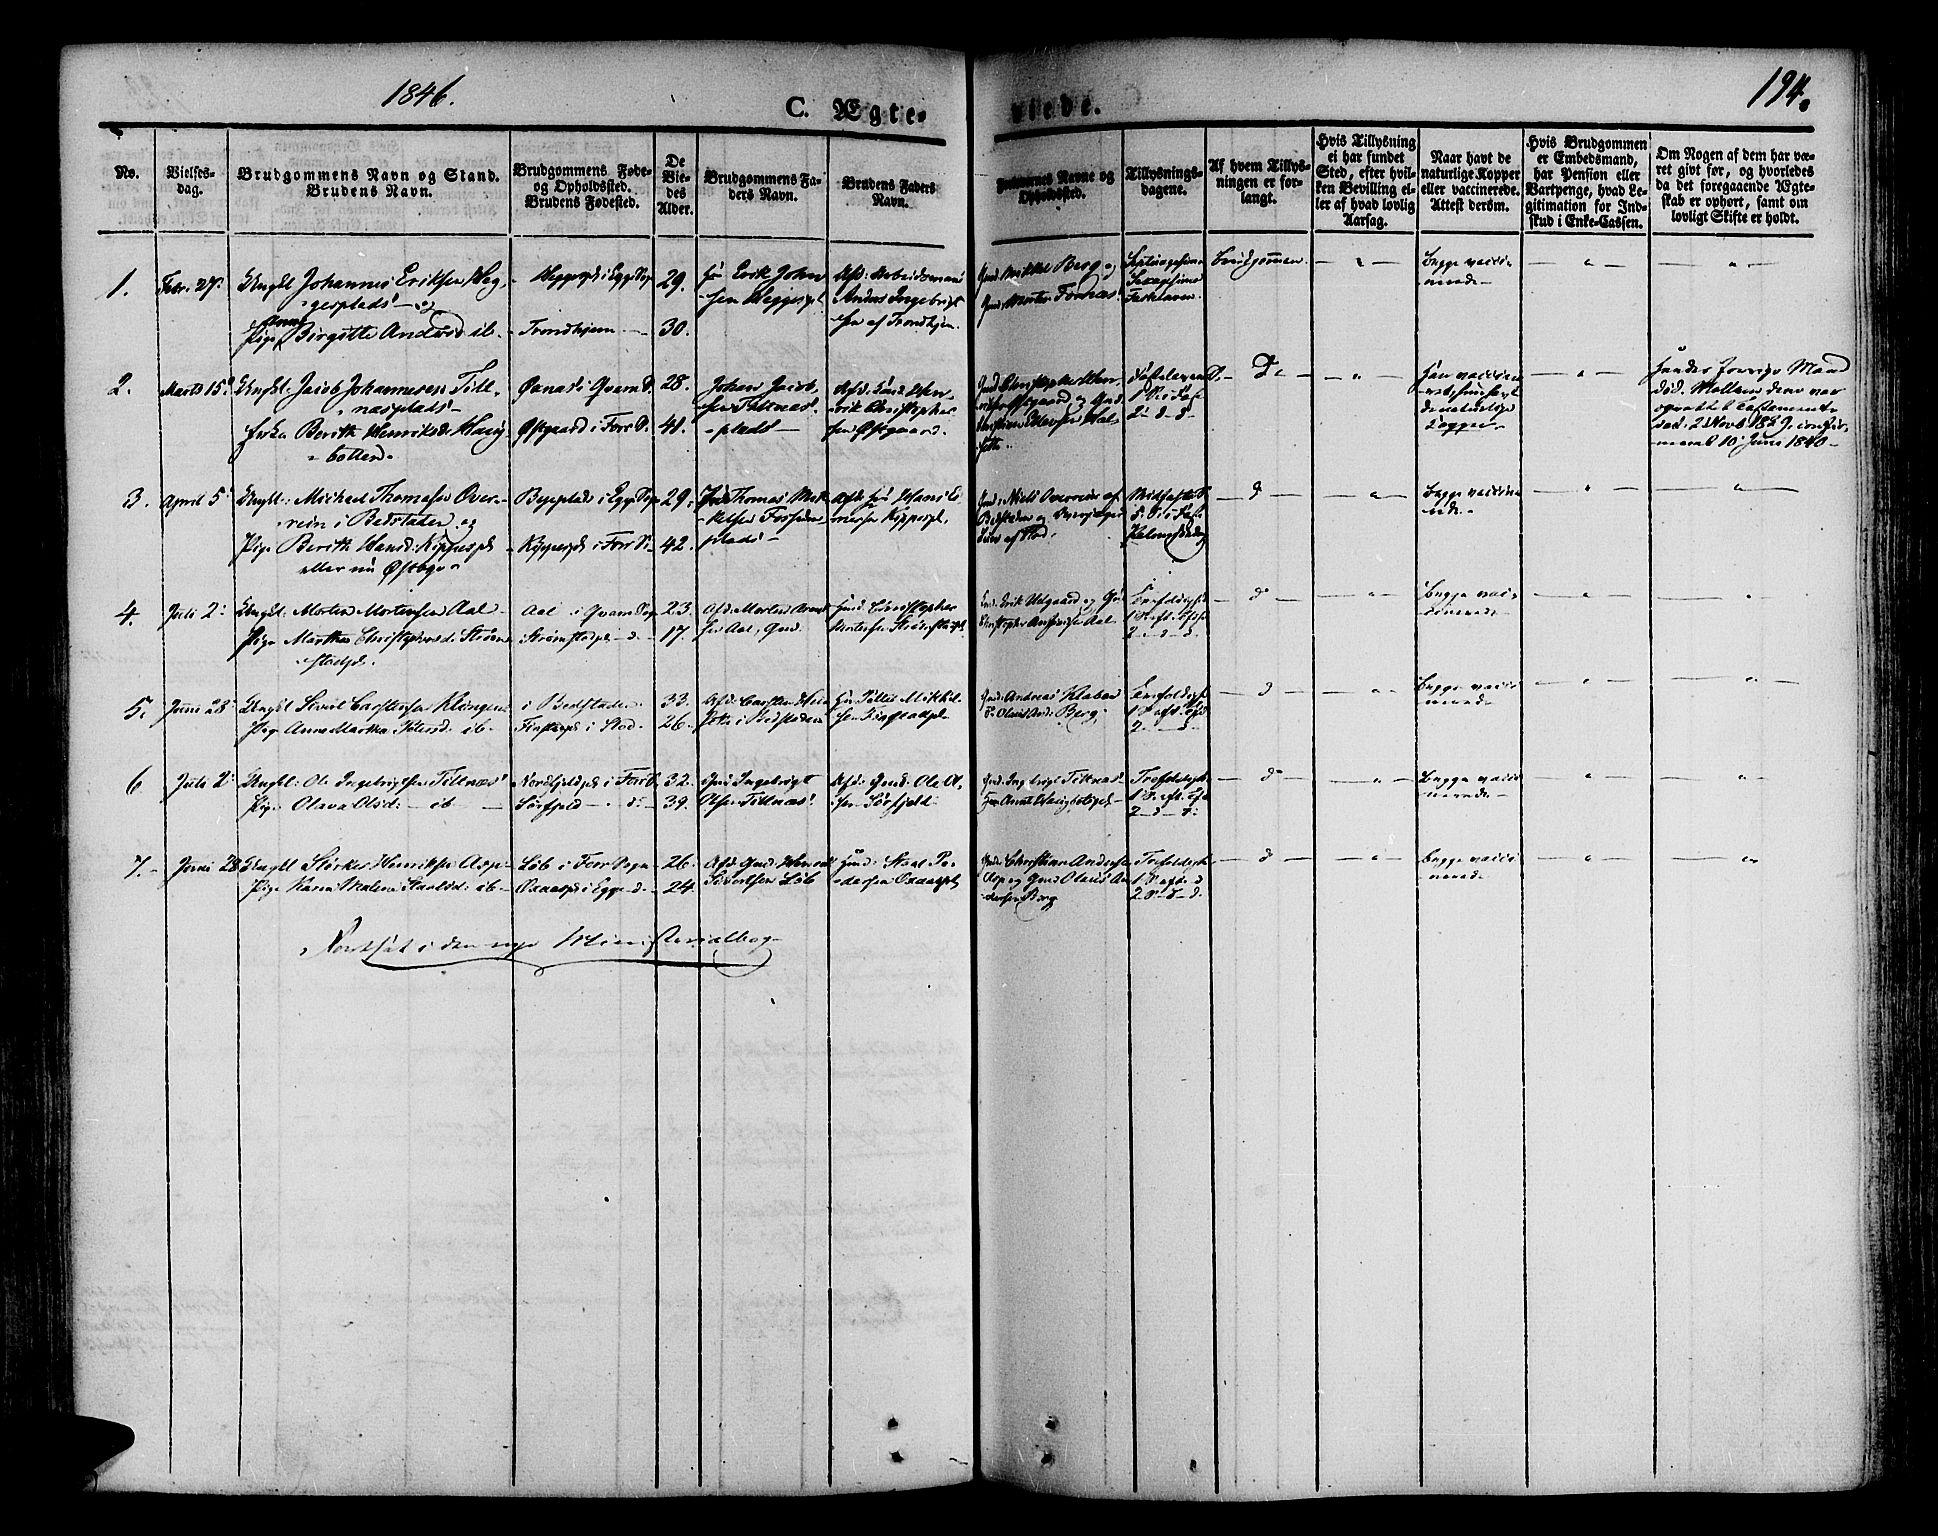 SAT, Ministerialprotokoller, klokkerbøker og fødselsregistre - Nord-Trøndelag, 746/L0445: Ministerialbok nr. 746A04, 1826-1846, s. 194